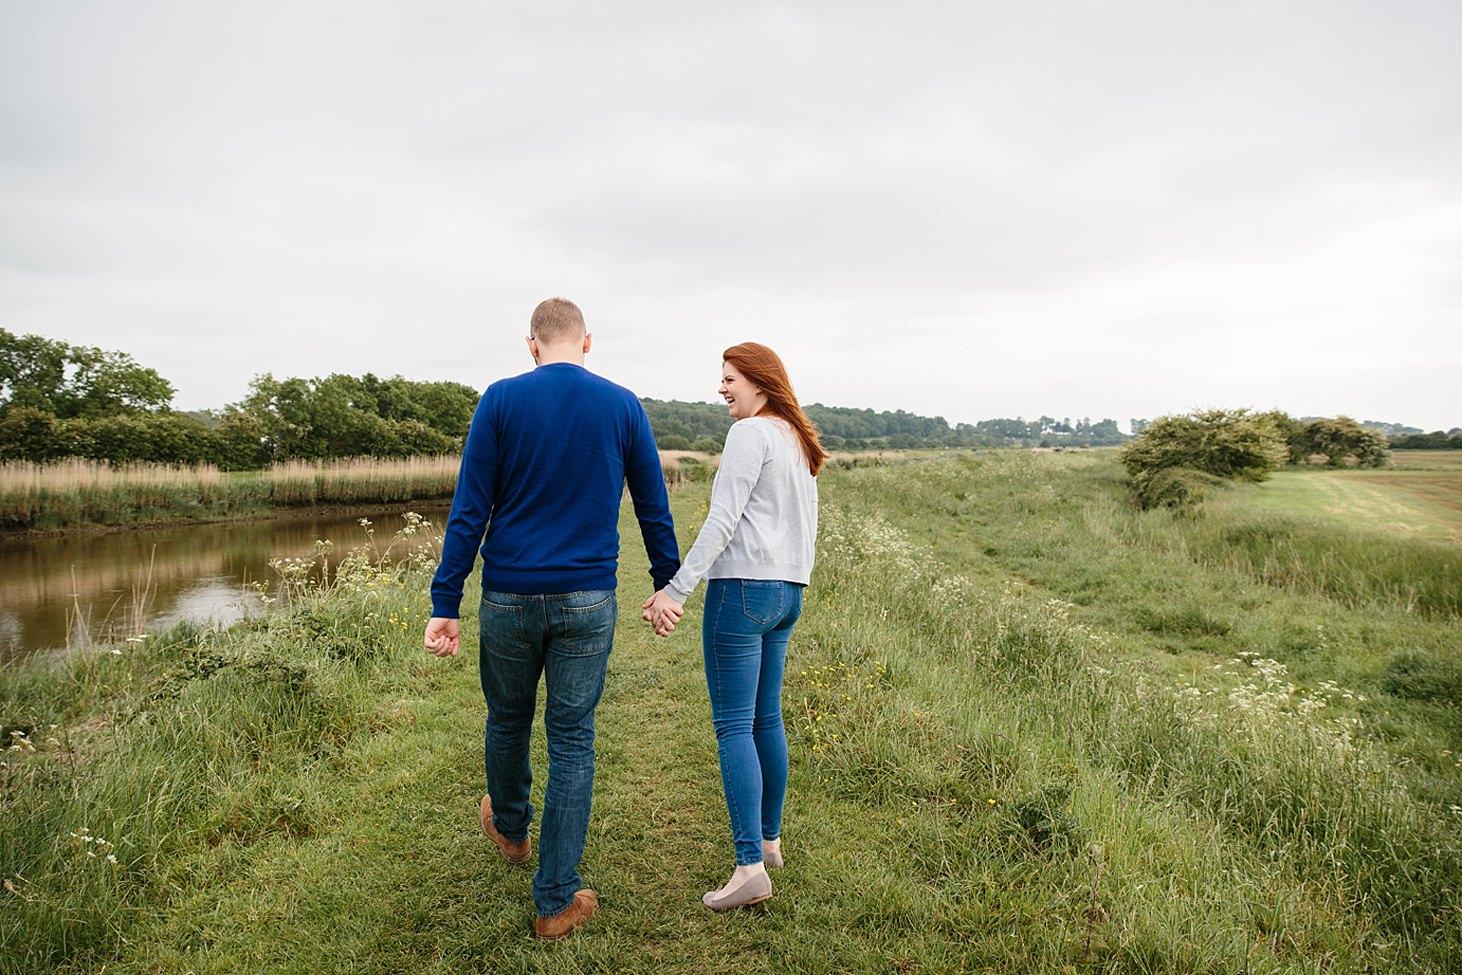 arundel engagement shoot couple walking